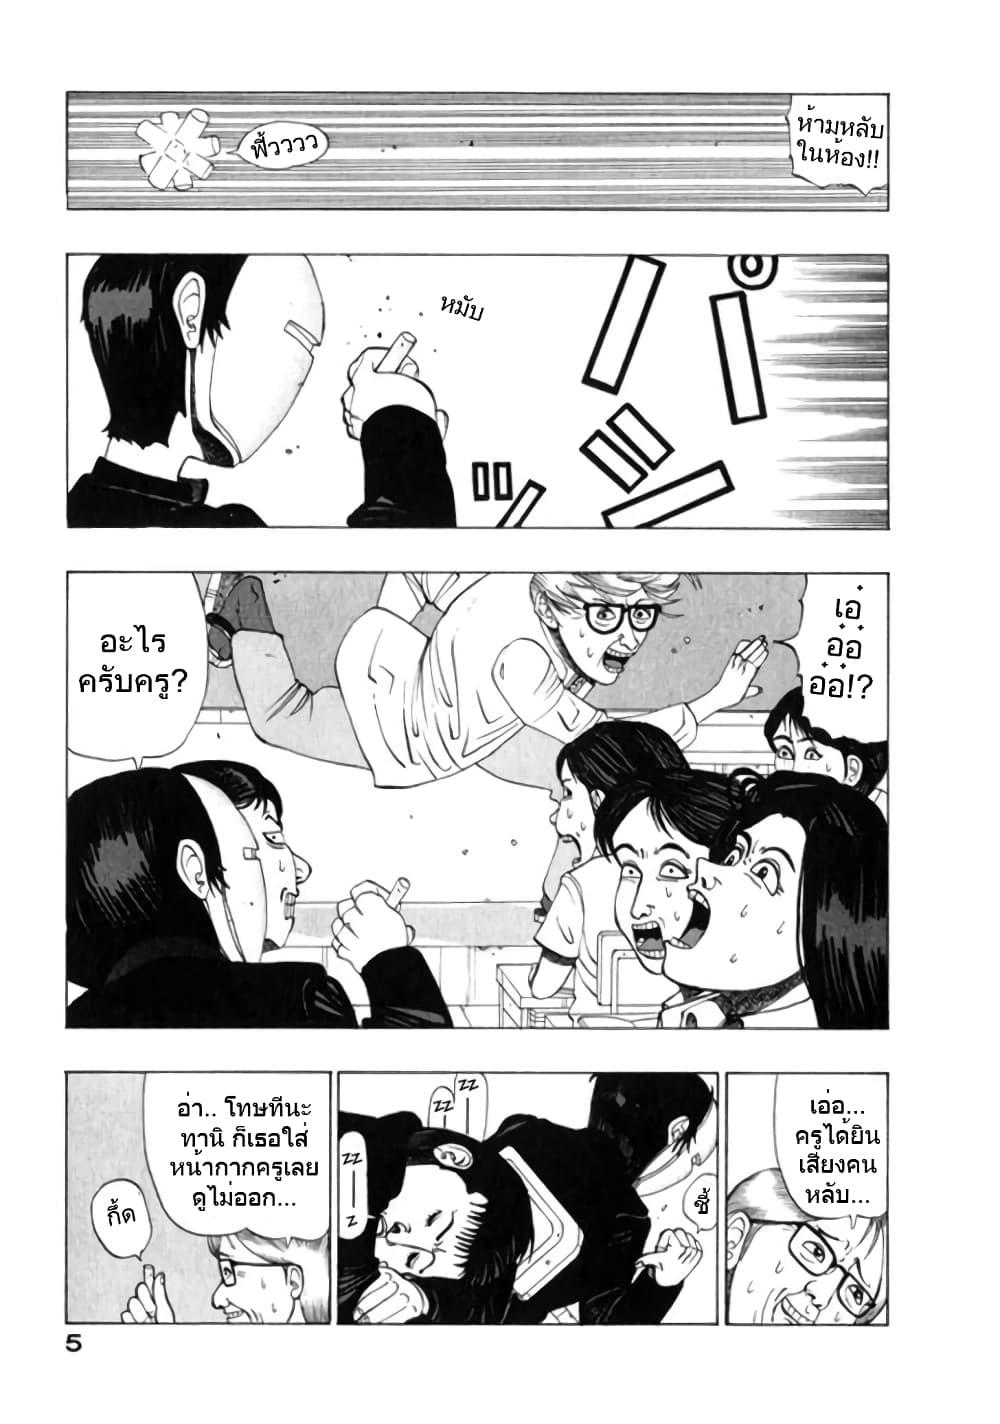 อ่านการ์ตูน Tanikamen ตอนที่ 0 หน้าที่ 6